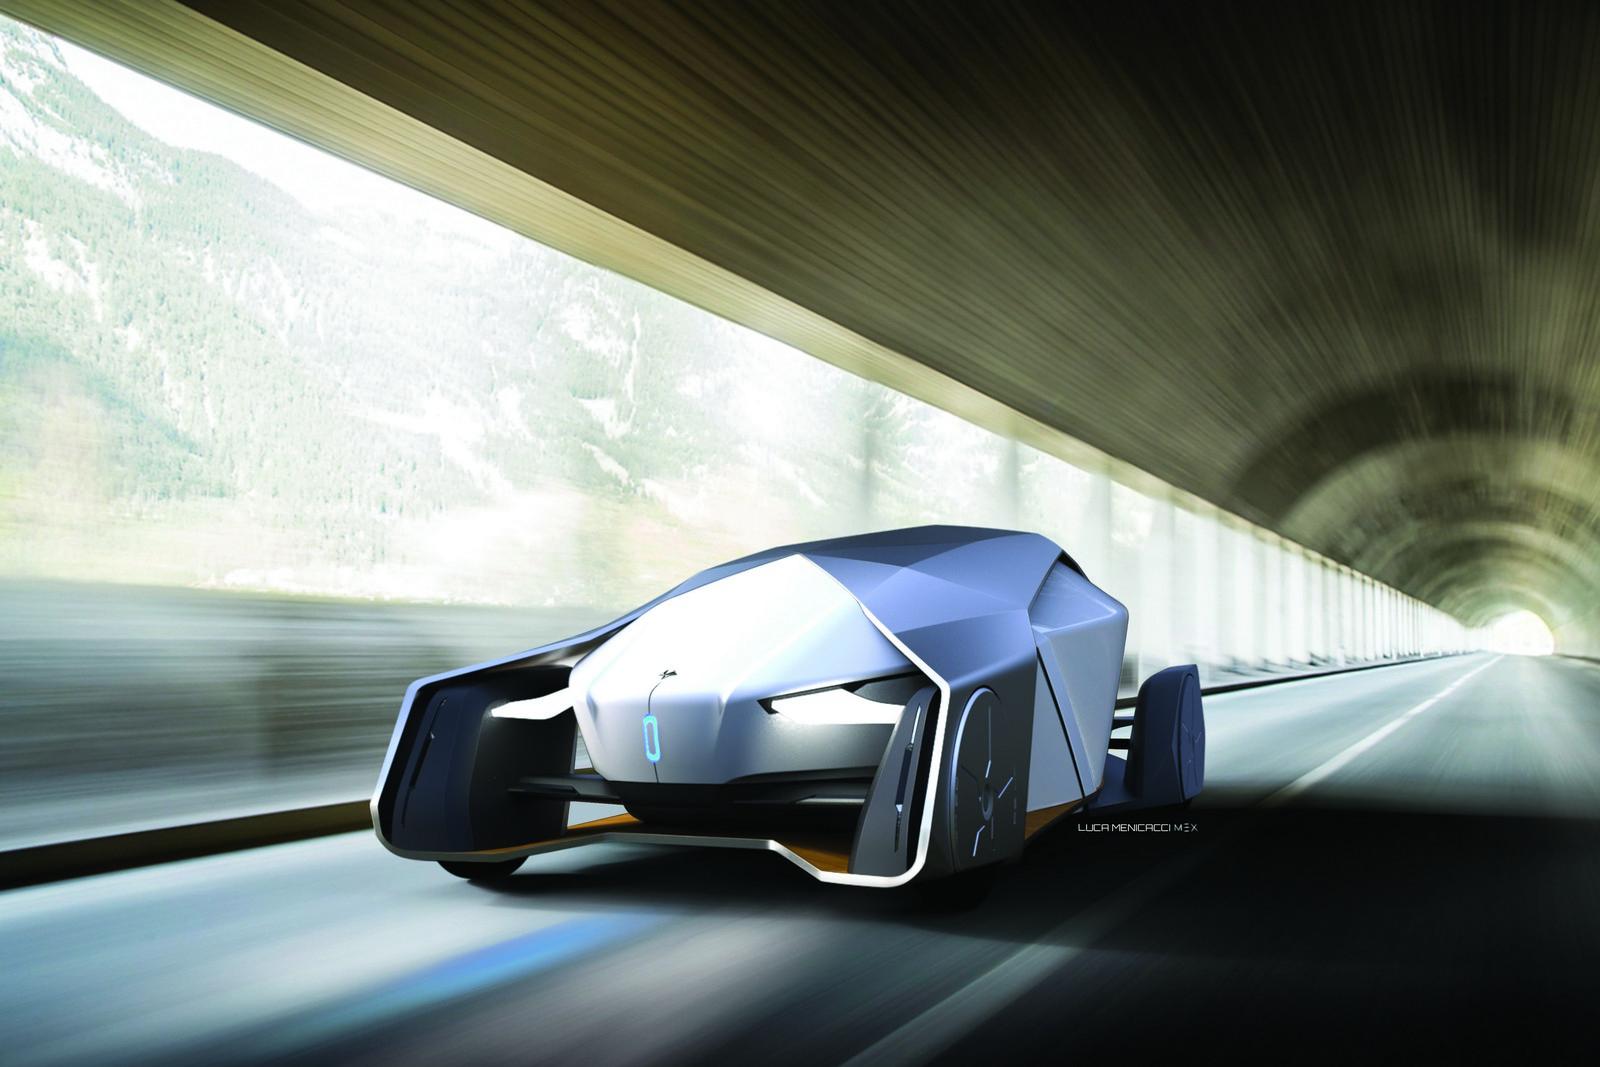 Die Studie Shiwa soll komplett autonom fahren, einen Fahrer gibt es nicht mehr.